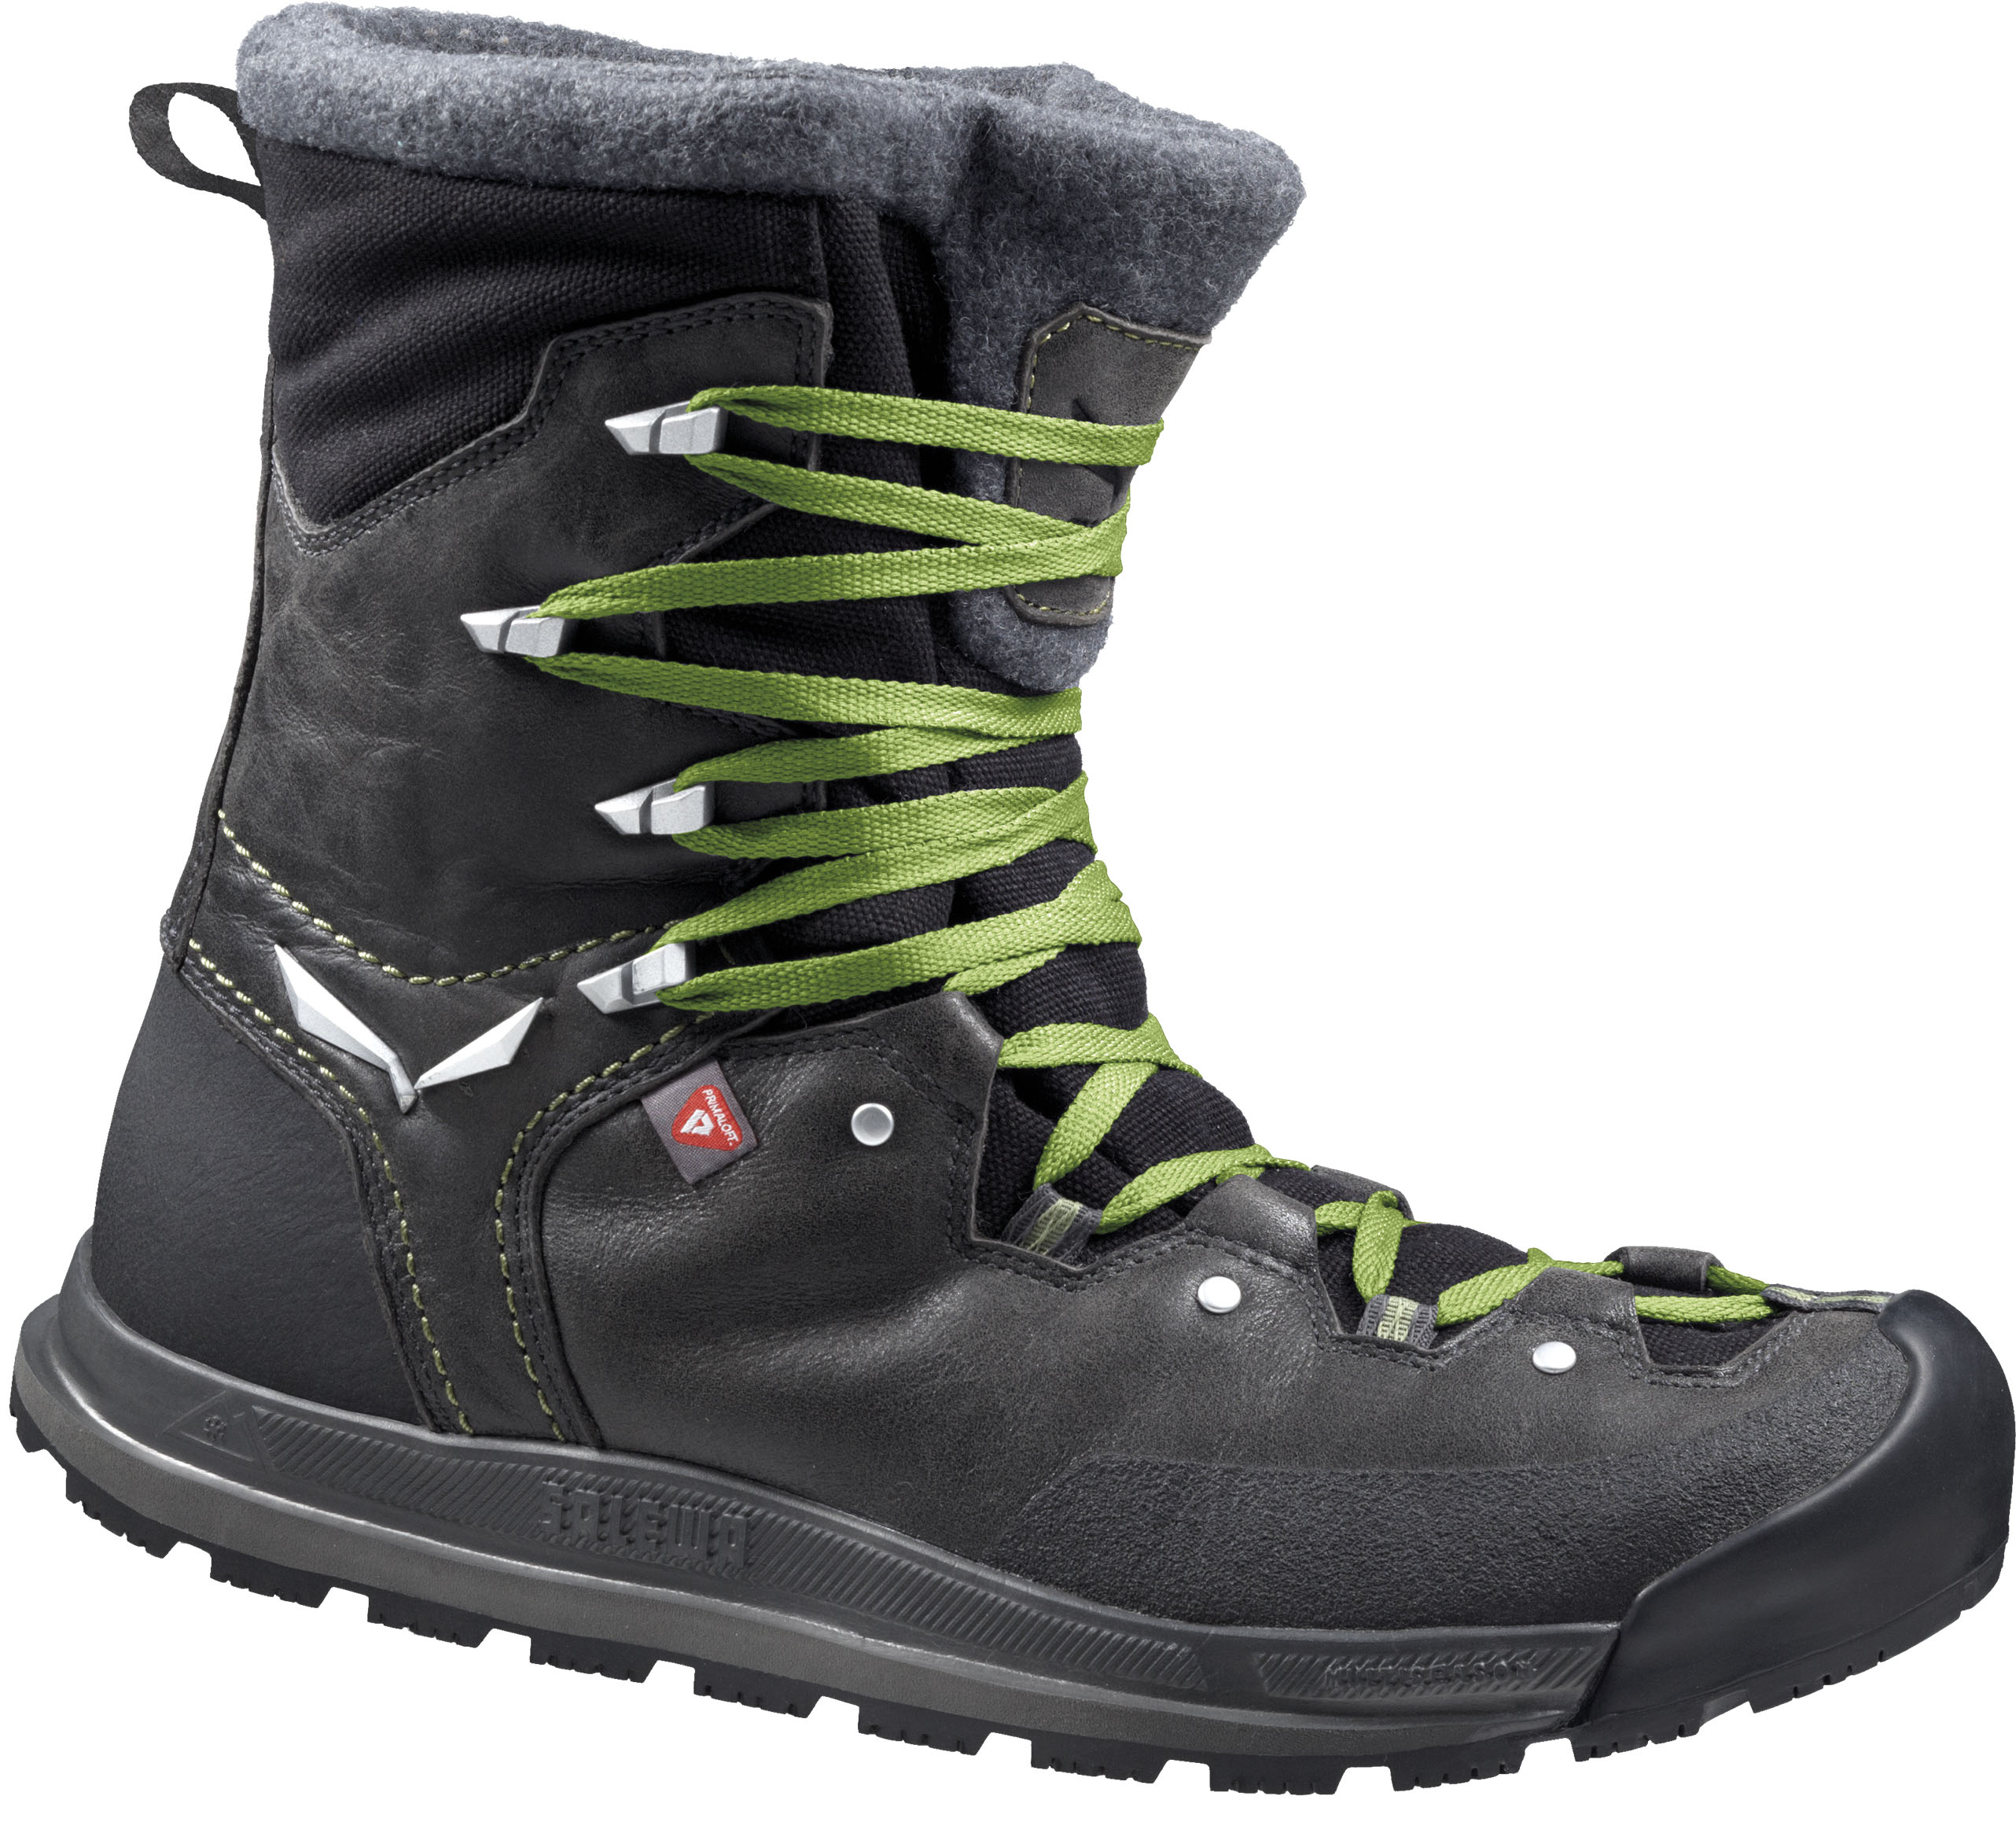 Ботинки городские (высокие) Salewa 2017-18 MS SNOWCAP WP Carbon, Обувь для города, 1205742  - купить со скидкой